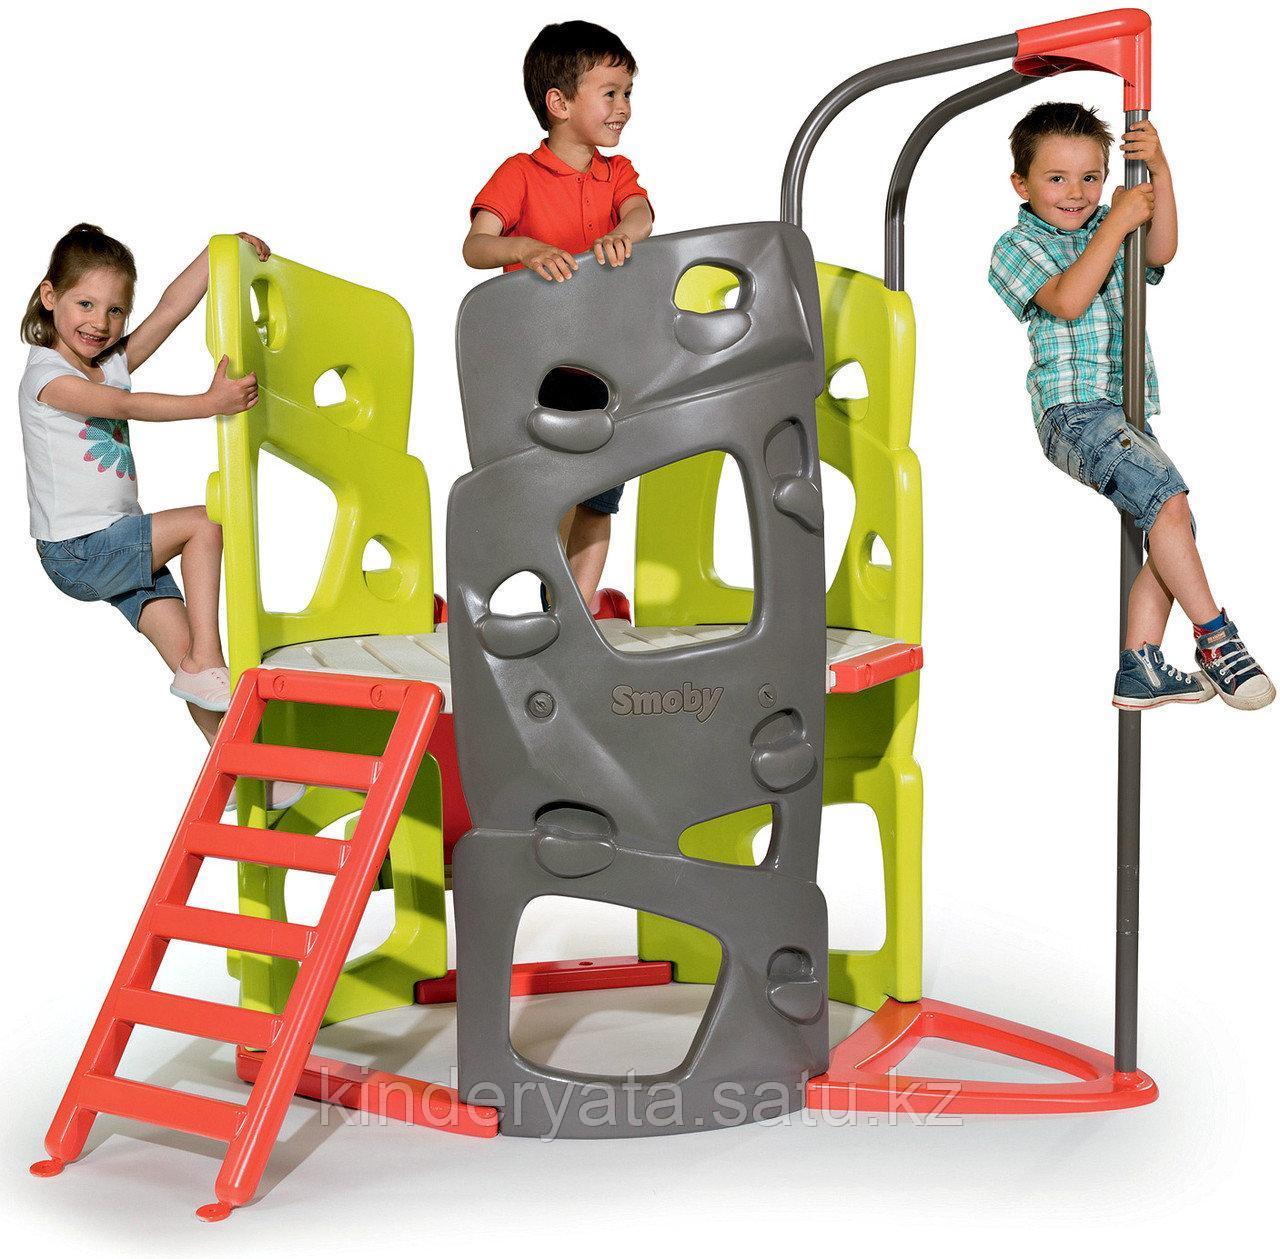 Игровой комплекс башня с горкой Smoby 840201